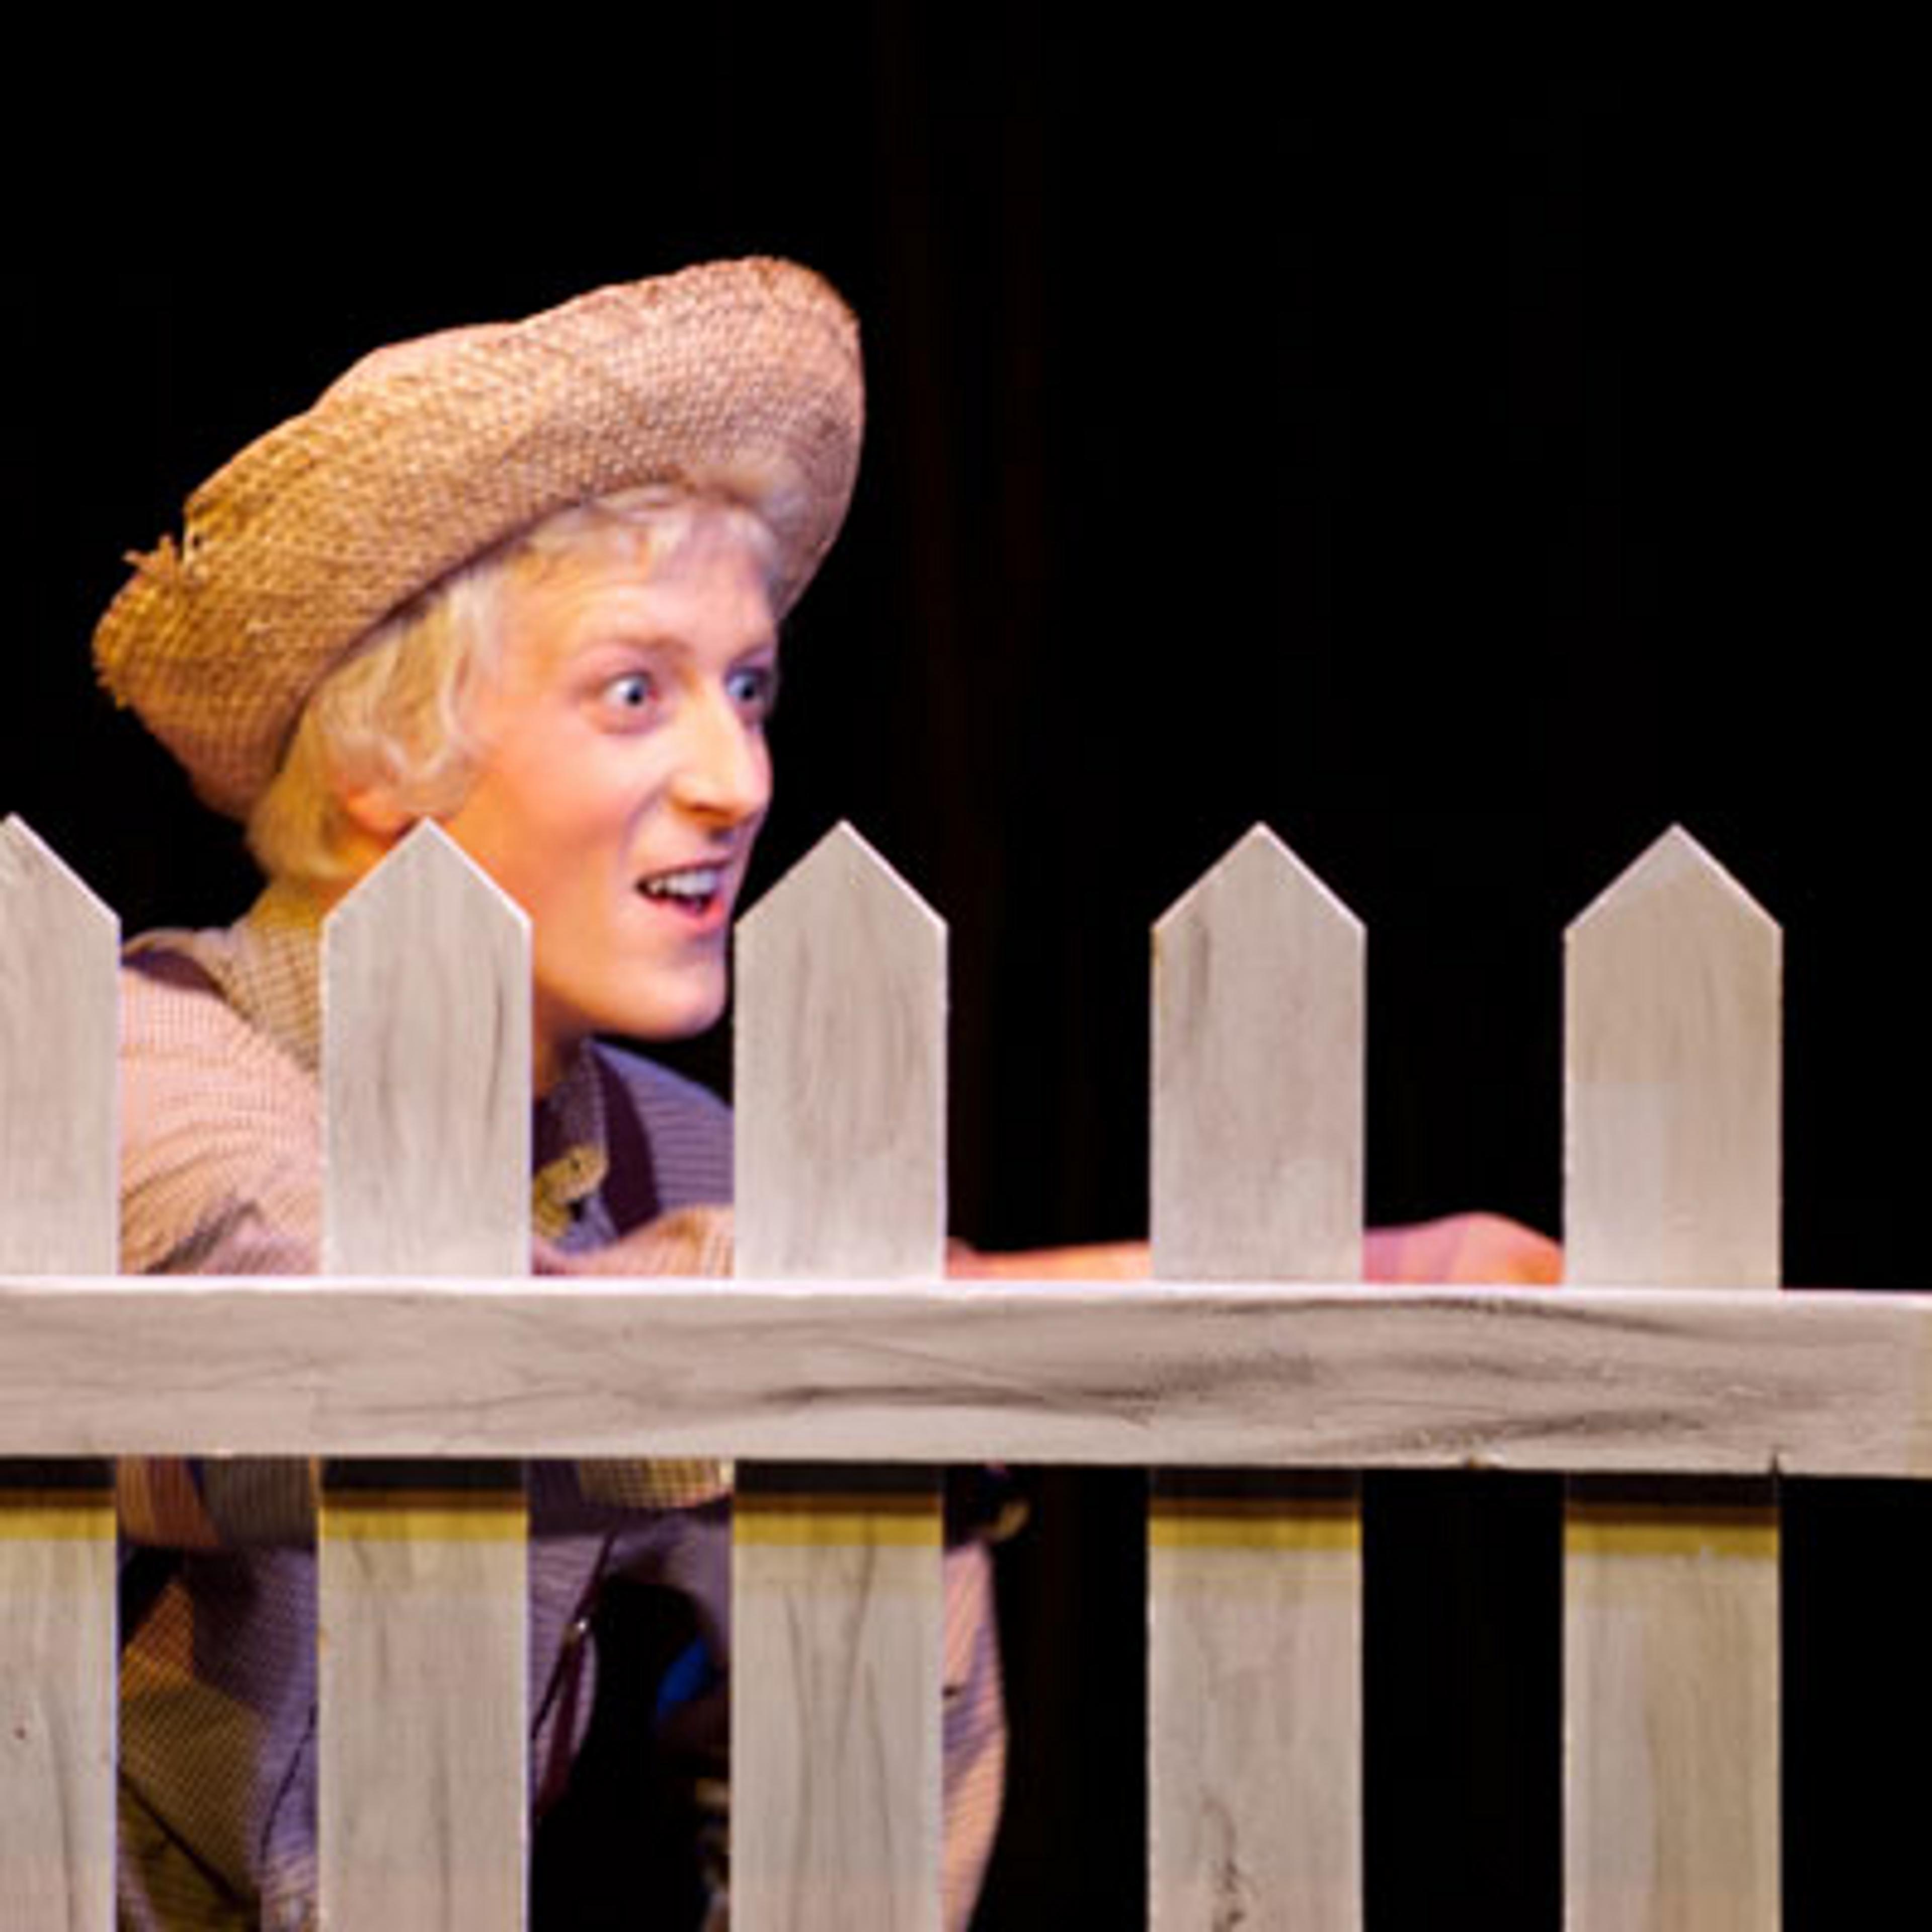 Tom Sawyer peeks over a fence